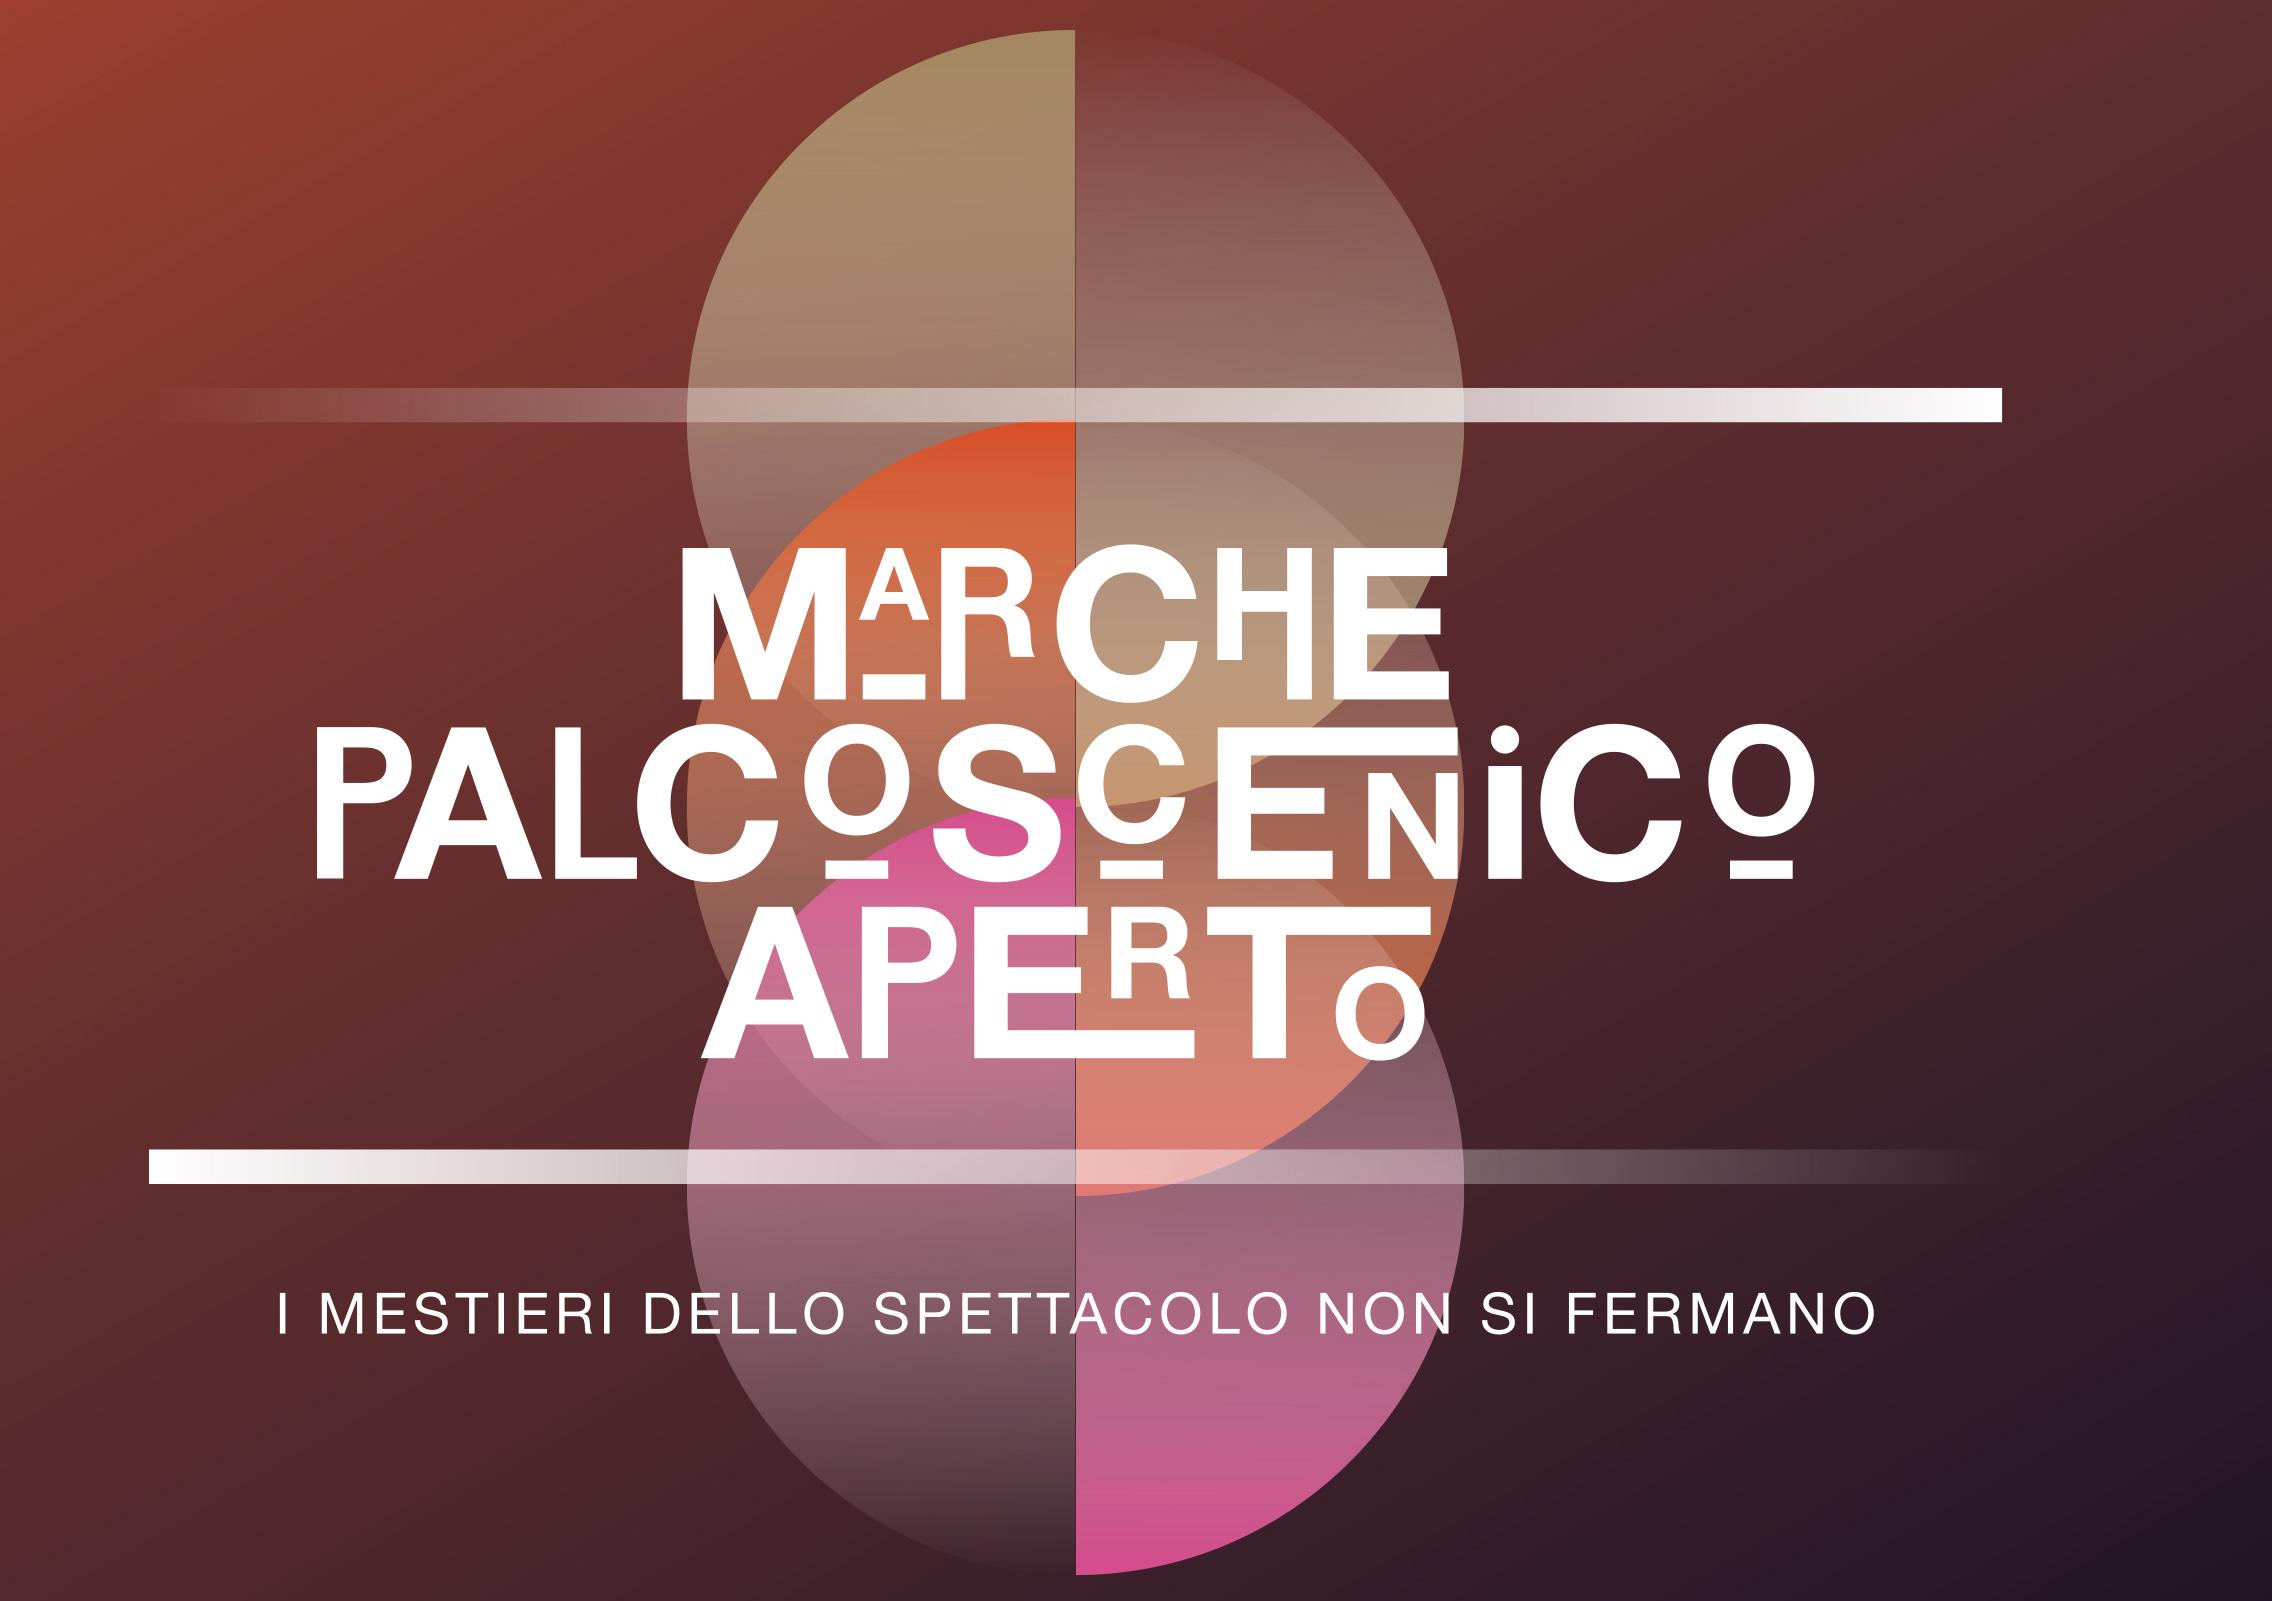 """MARCHE PALCOSCENICO APERTO: BEN SESSANTA I PROGETTI SELEZIONATI. UN GRANDE """"CANTIERE DELLO SPETTACOLO DAL VIVO REGIONALE"""" CON IMPEGNATI PIÙ DI QUATTROCENTO PROFESSIONISTI DELLO SPETTACOLO DELLE MARCHE"""